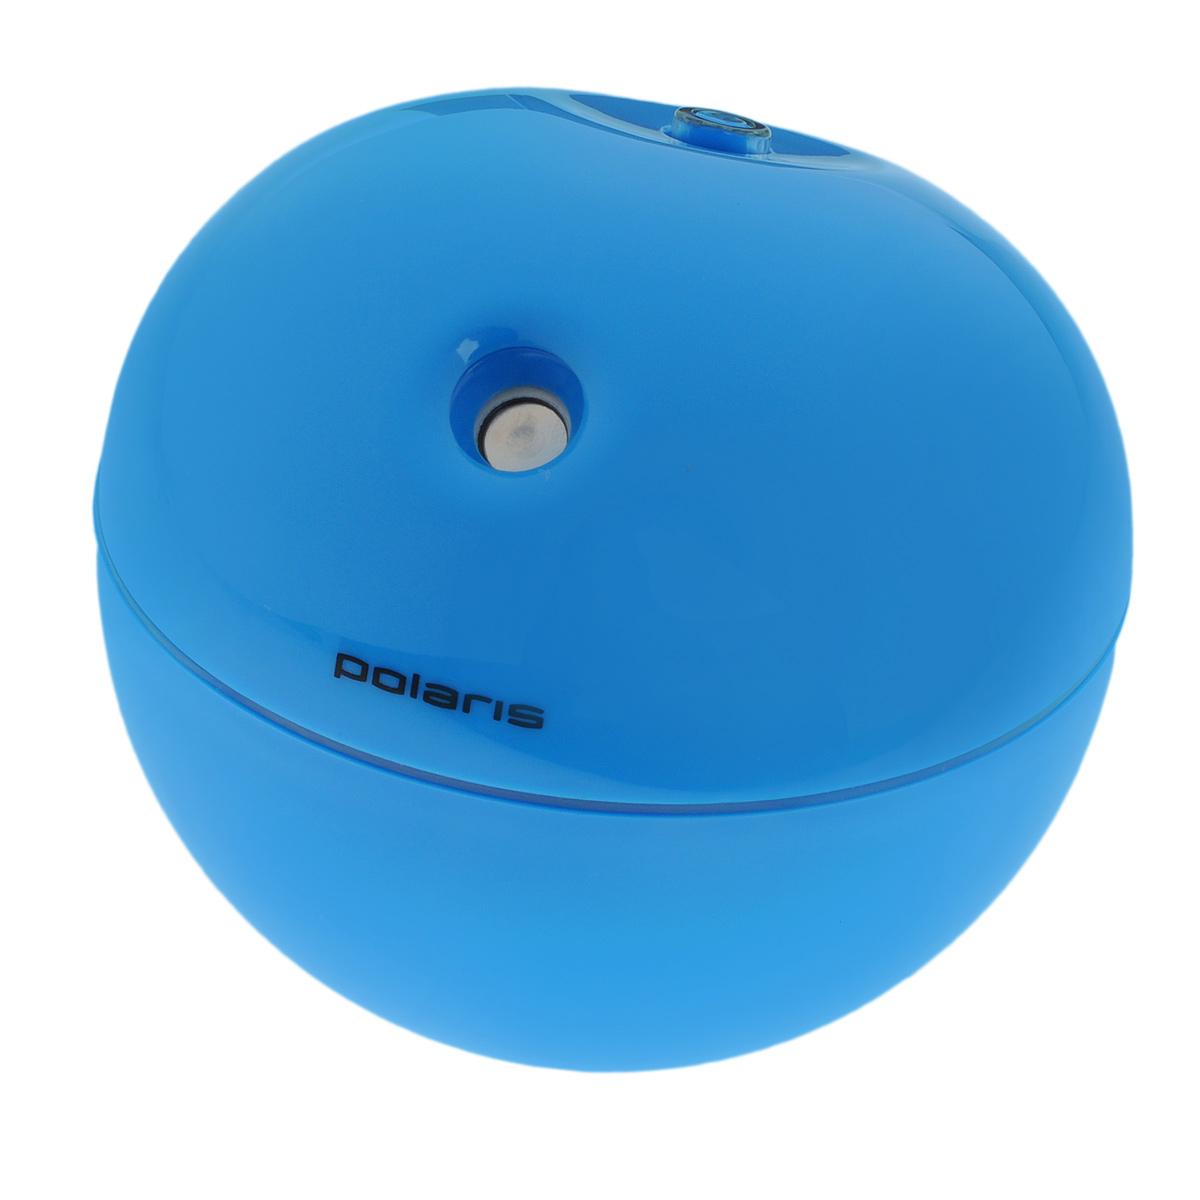 Polaris PUH 3102 Apple, Blue увлажнитель воздухаPUH 3102appleПортативный персональный ультразвуковой увлажнитель воздуха Polaris PUH 3102 Apple. Данная модель сочетает в себе функции увлажнения воздуха с уникальным дизайном в форме яблока. Его можно использовать в доме, офисе или в путешествии. Работает при помощи USB-порта.